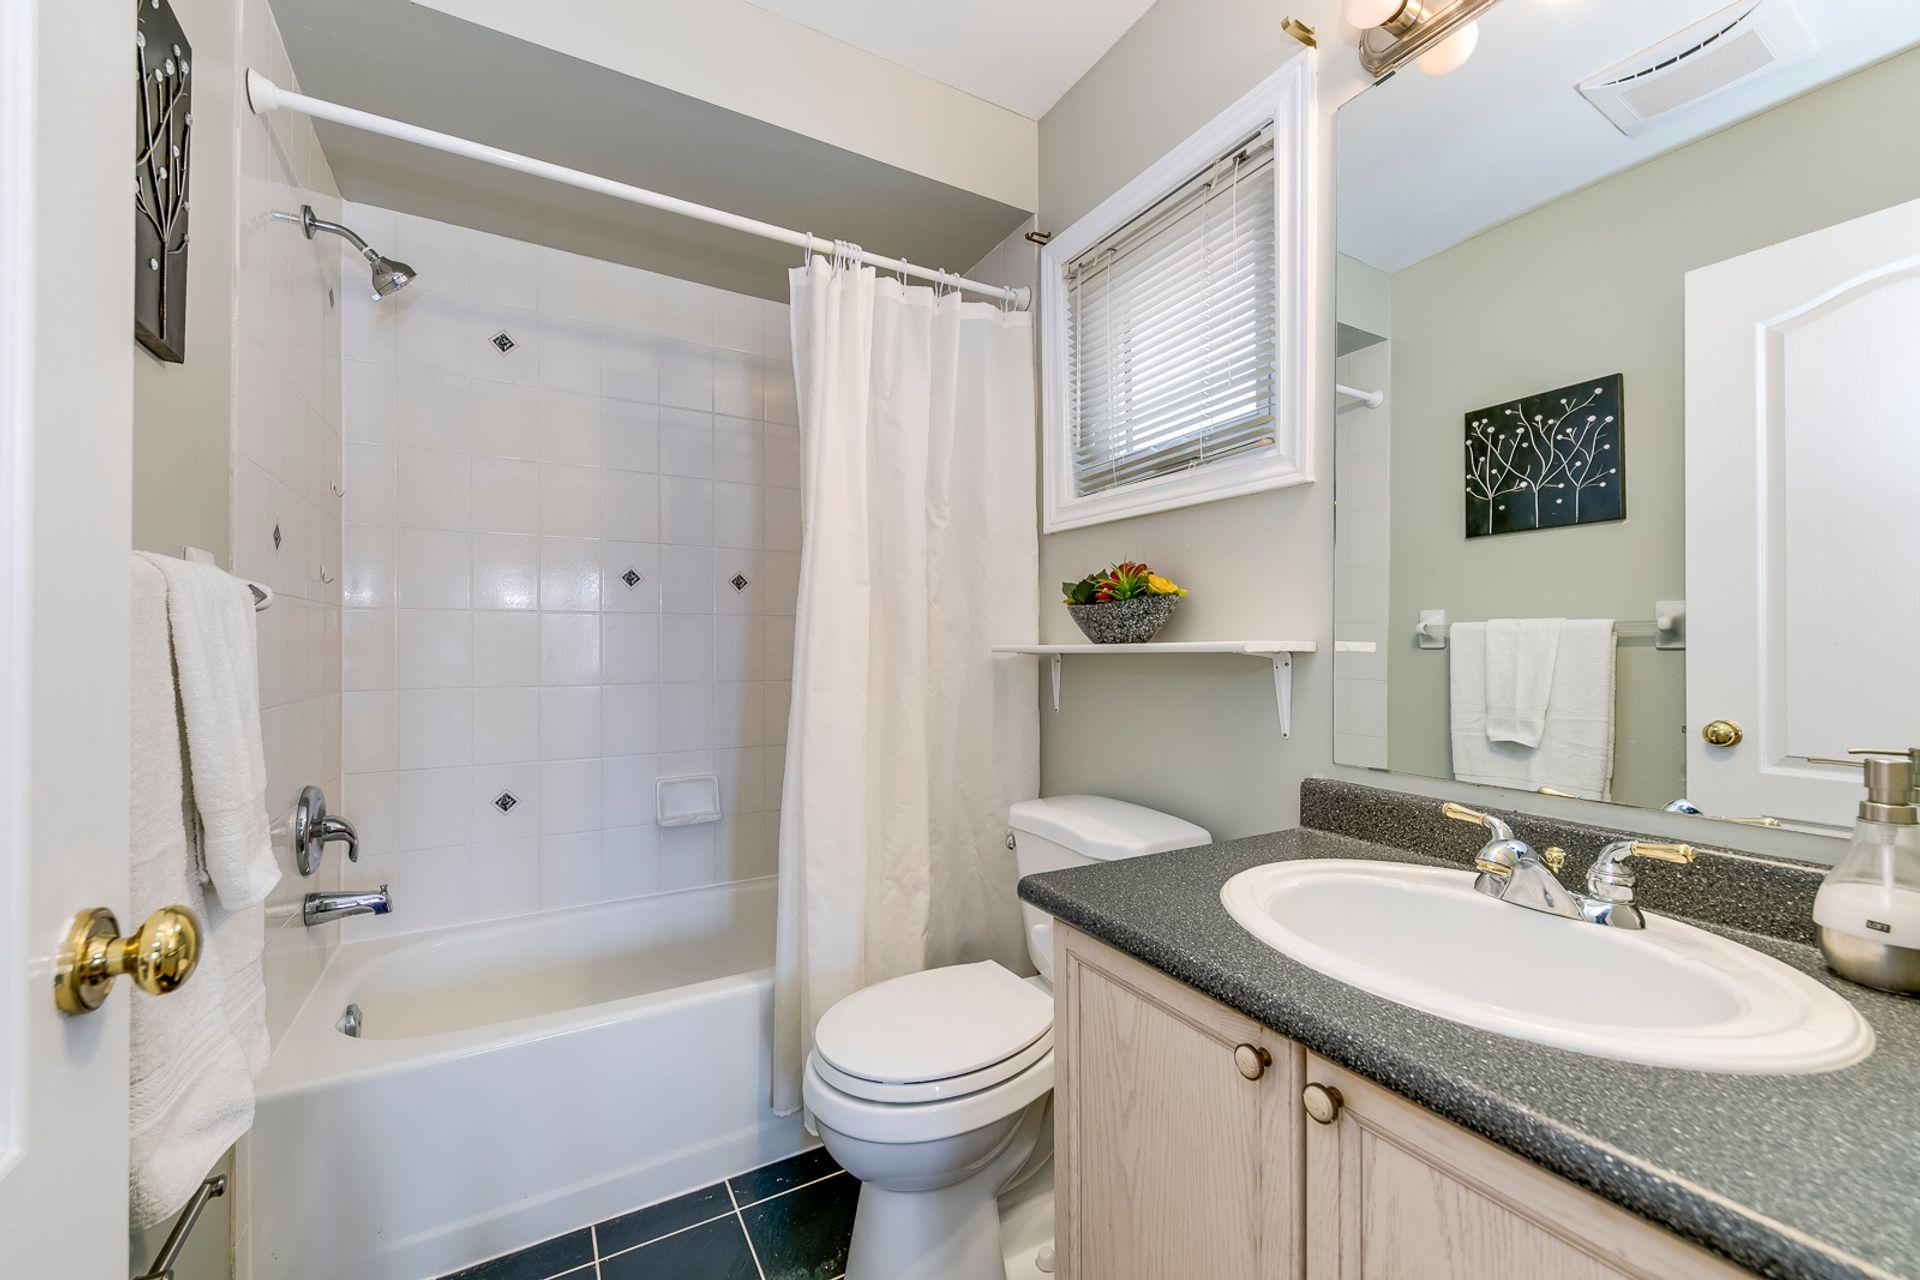 2nd Bedroom Ensuite - 5156 Heatherleigh Ave, Mississauga - Elite3 & Team at 5156 Heatherleigh Avenue, East Credit, Mississauga